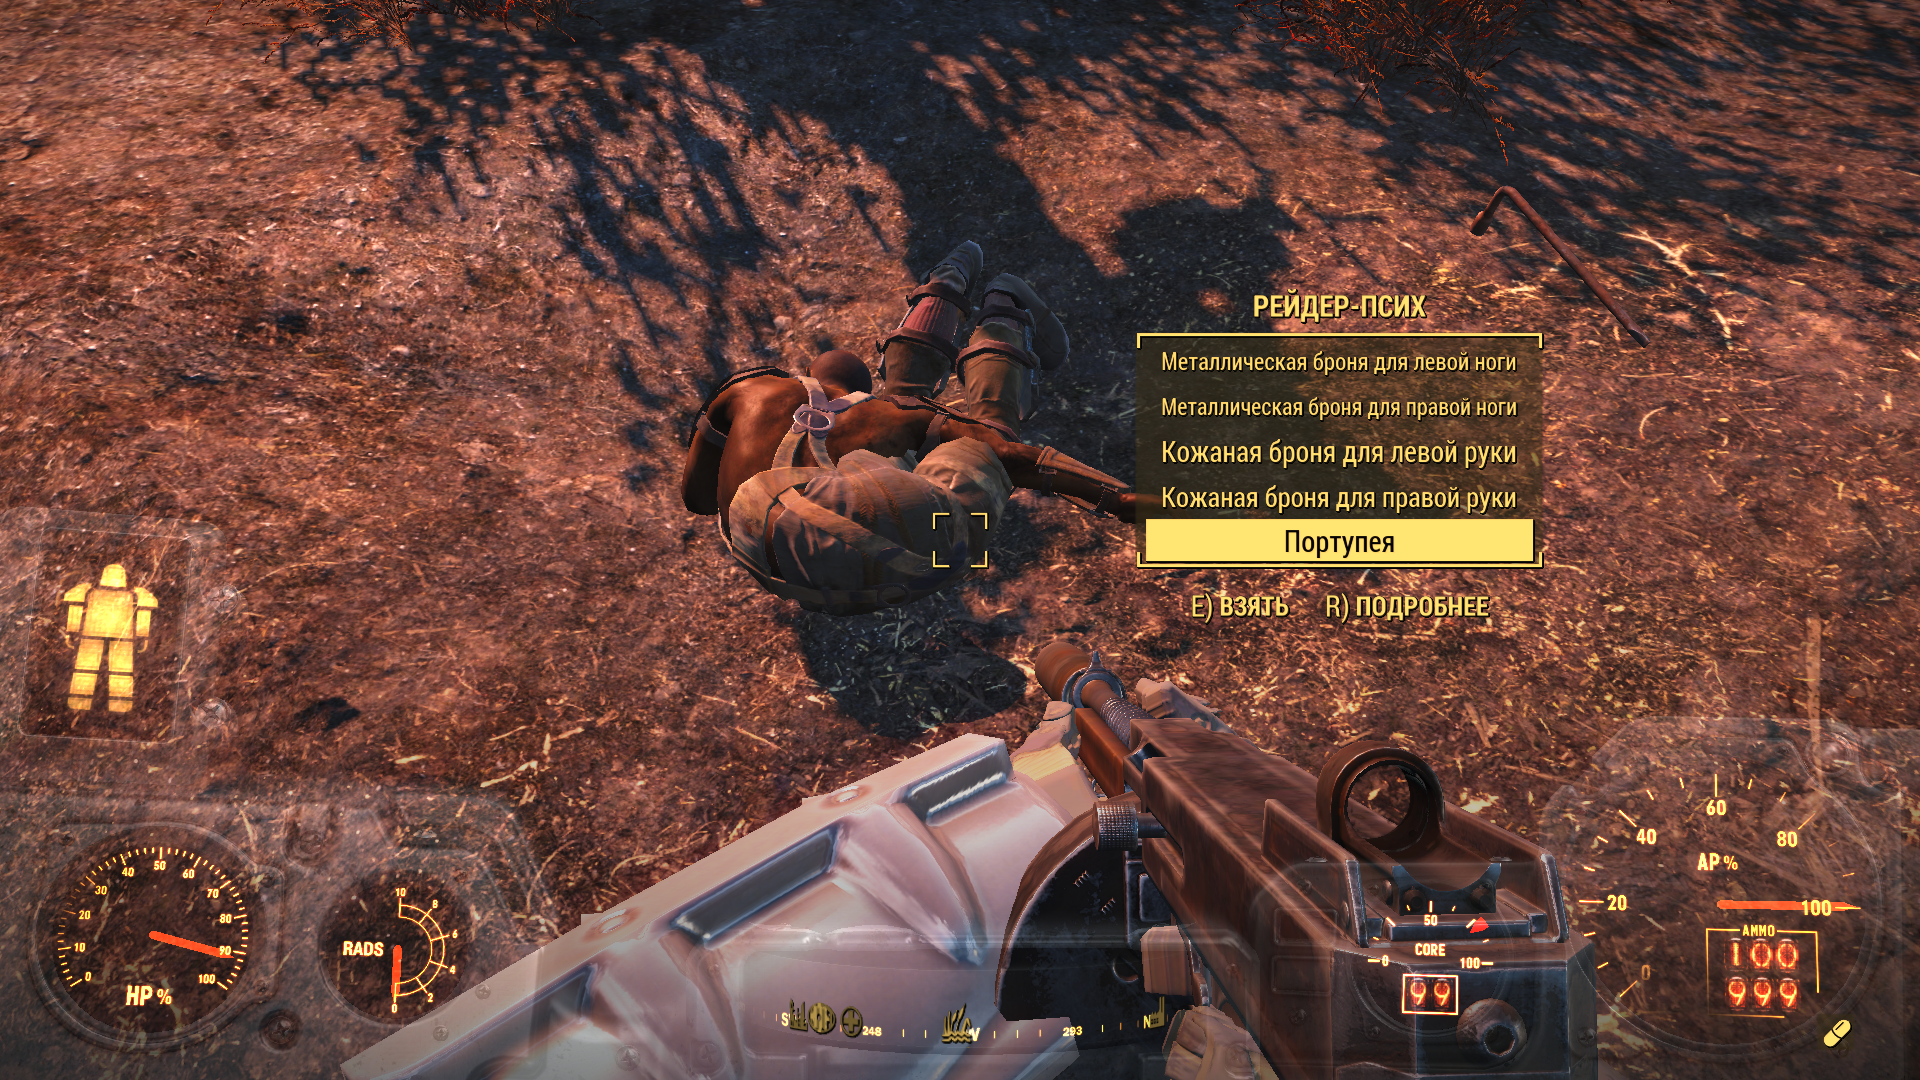 Скрутился в зюзю - Fallout 4 Рейдер, оборона теплицы Гринтоп